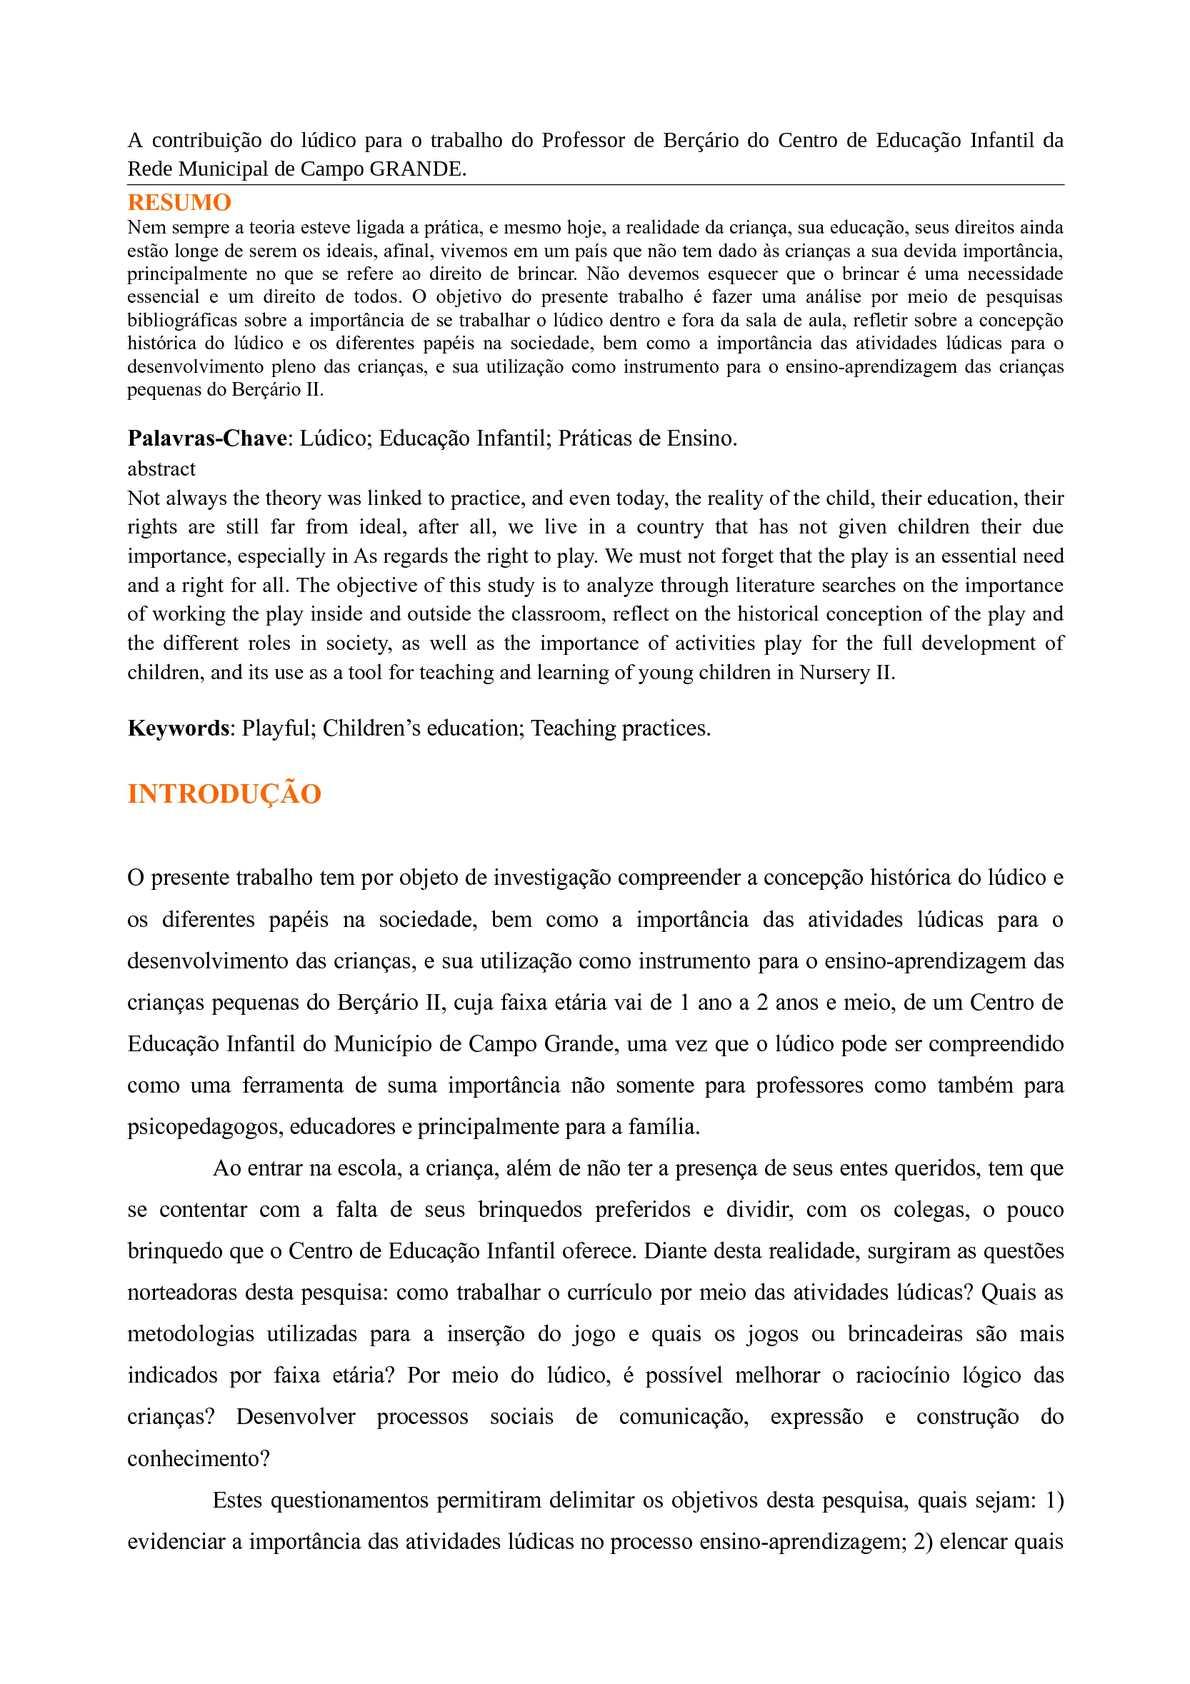 dcd54197a00 Calaméo - A contribuição do lúdico para o trabalho do Professor de Berçário  do Centro de Educação Infantil da Rede Municipal de Campo GRANDE